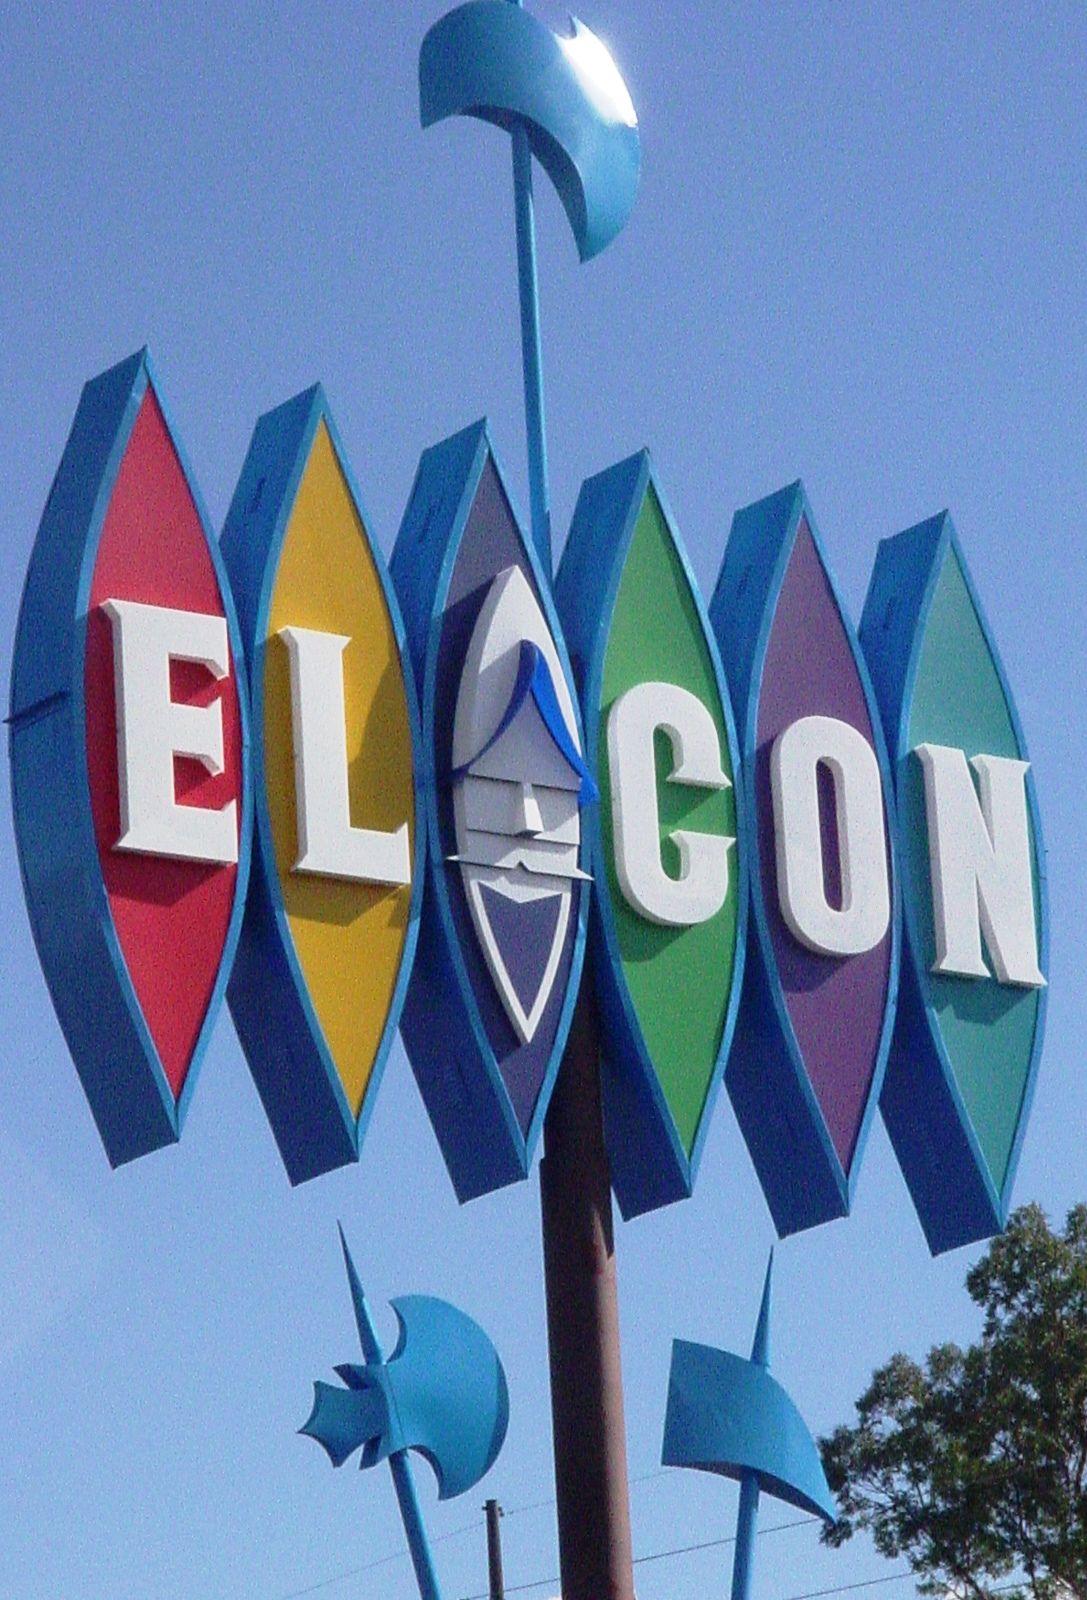 El Con sign from the original El Conquistador - Tucson, Arizona